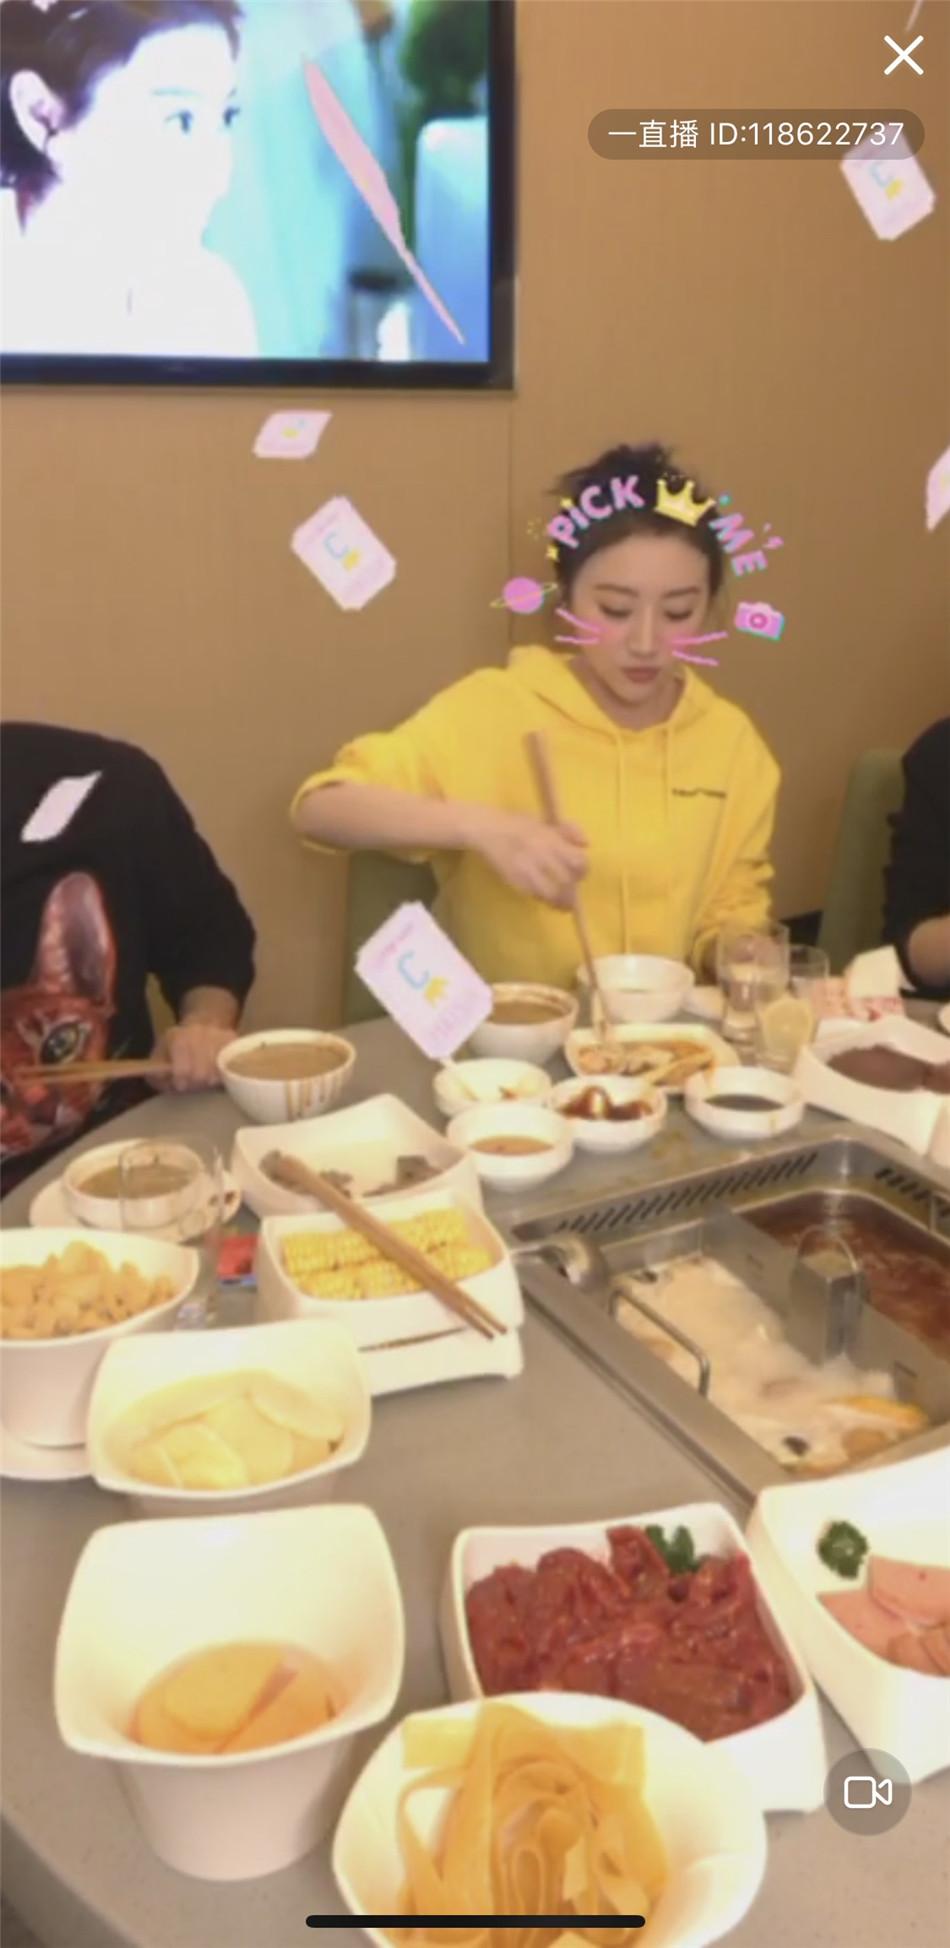 景甜直播吃火锅聊新剧 网友:土味爱豆没错了